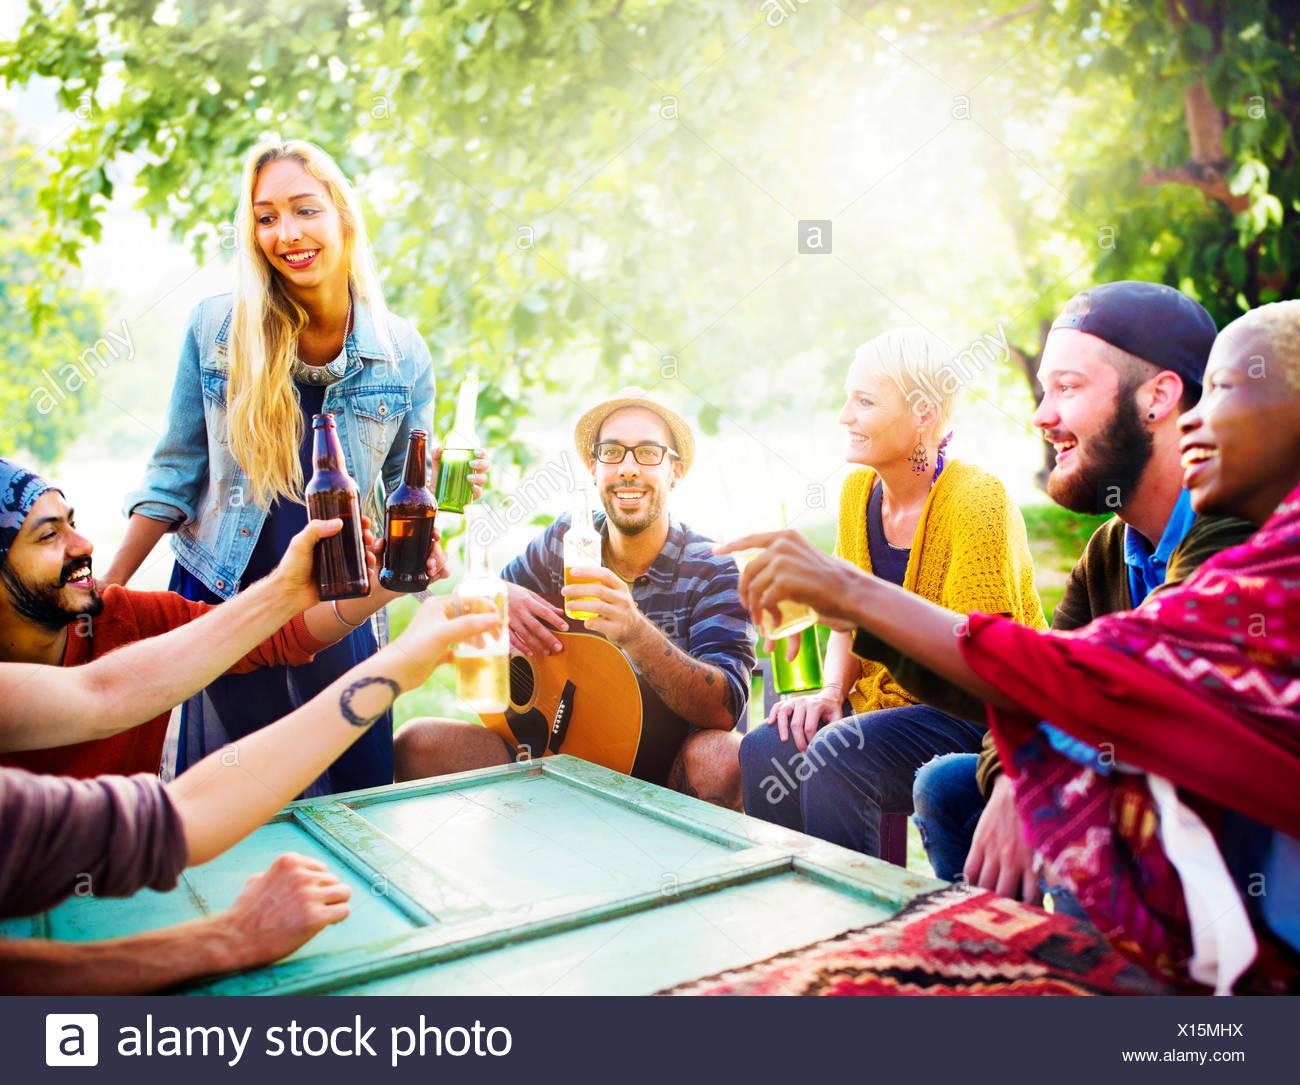 Freund feiern Party Picknick freudigen Lebensstil trinken Konzept Stockbild